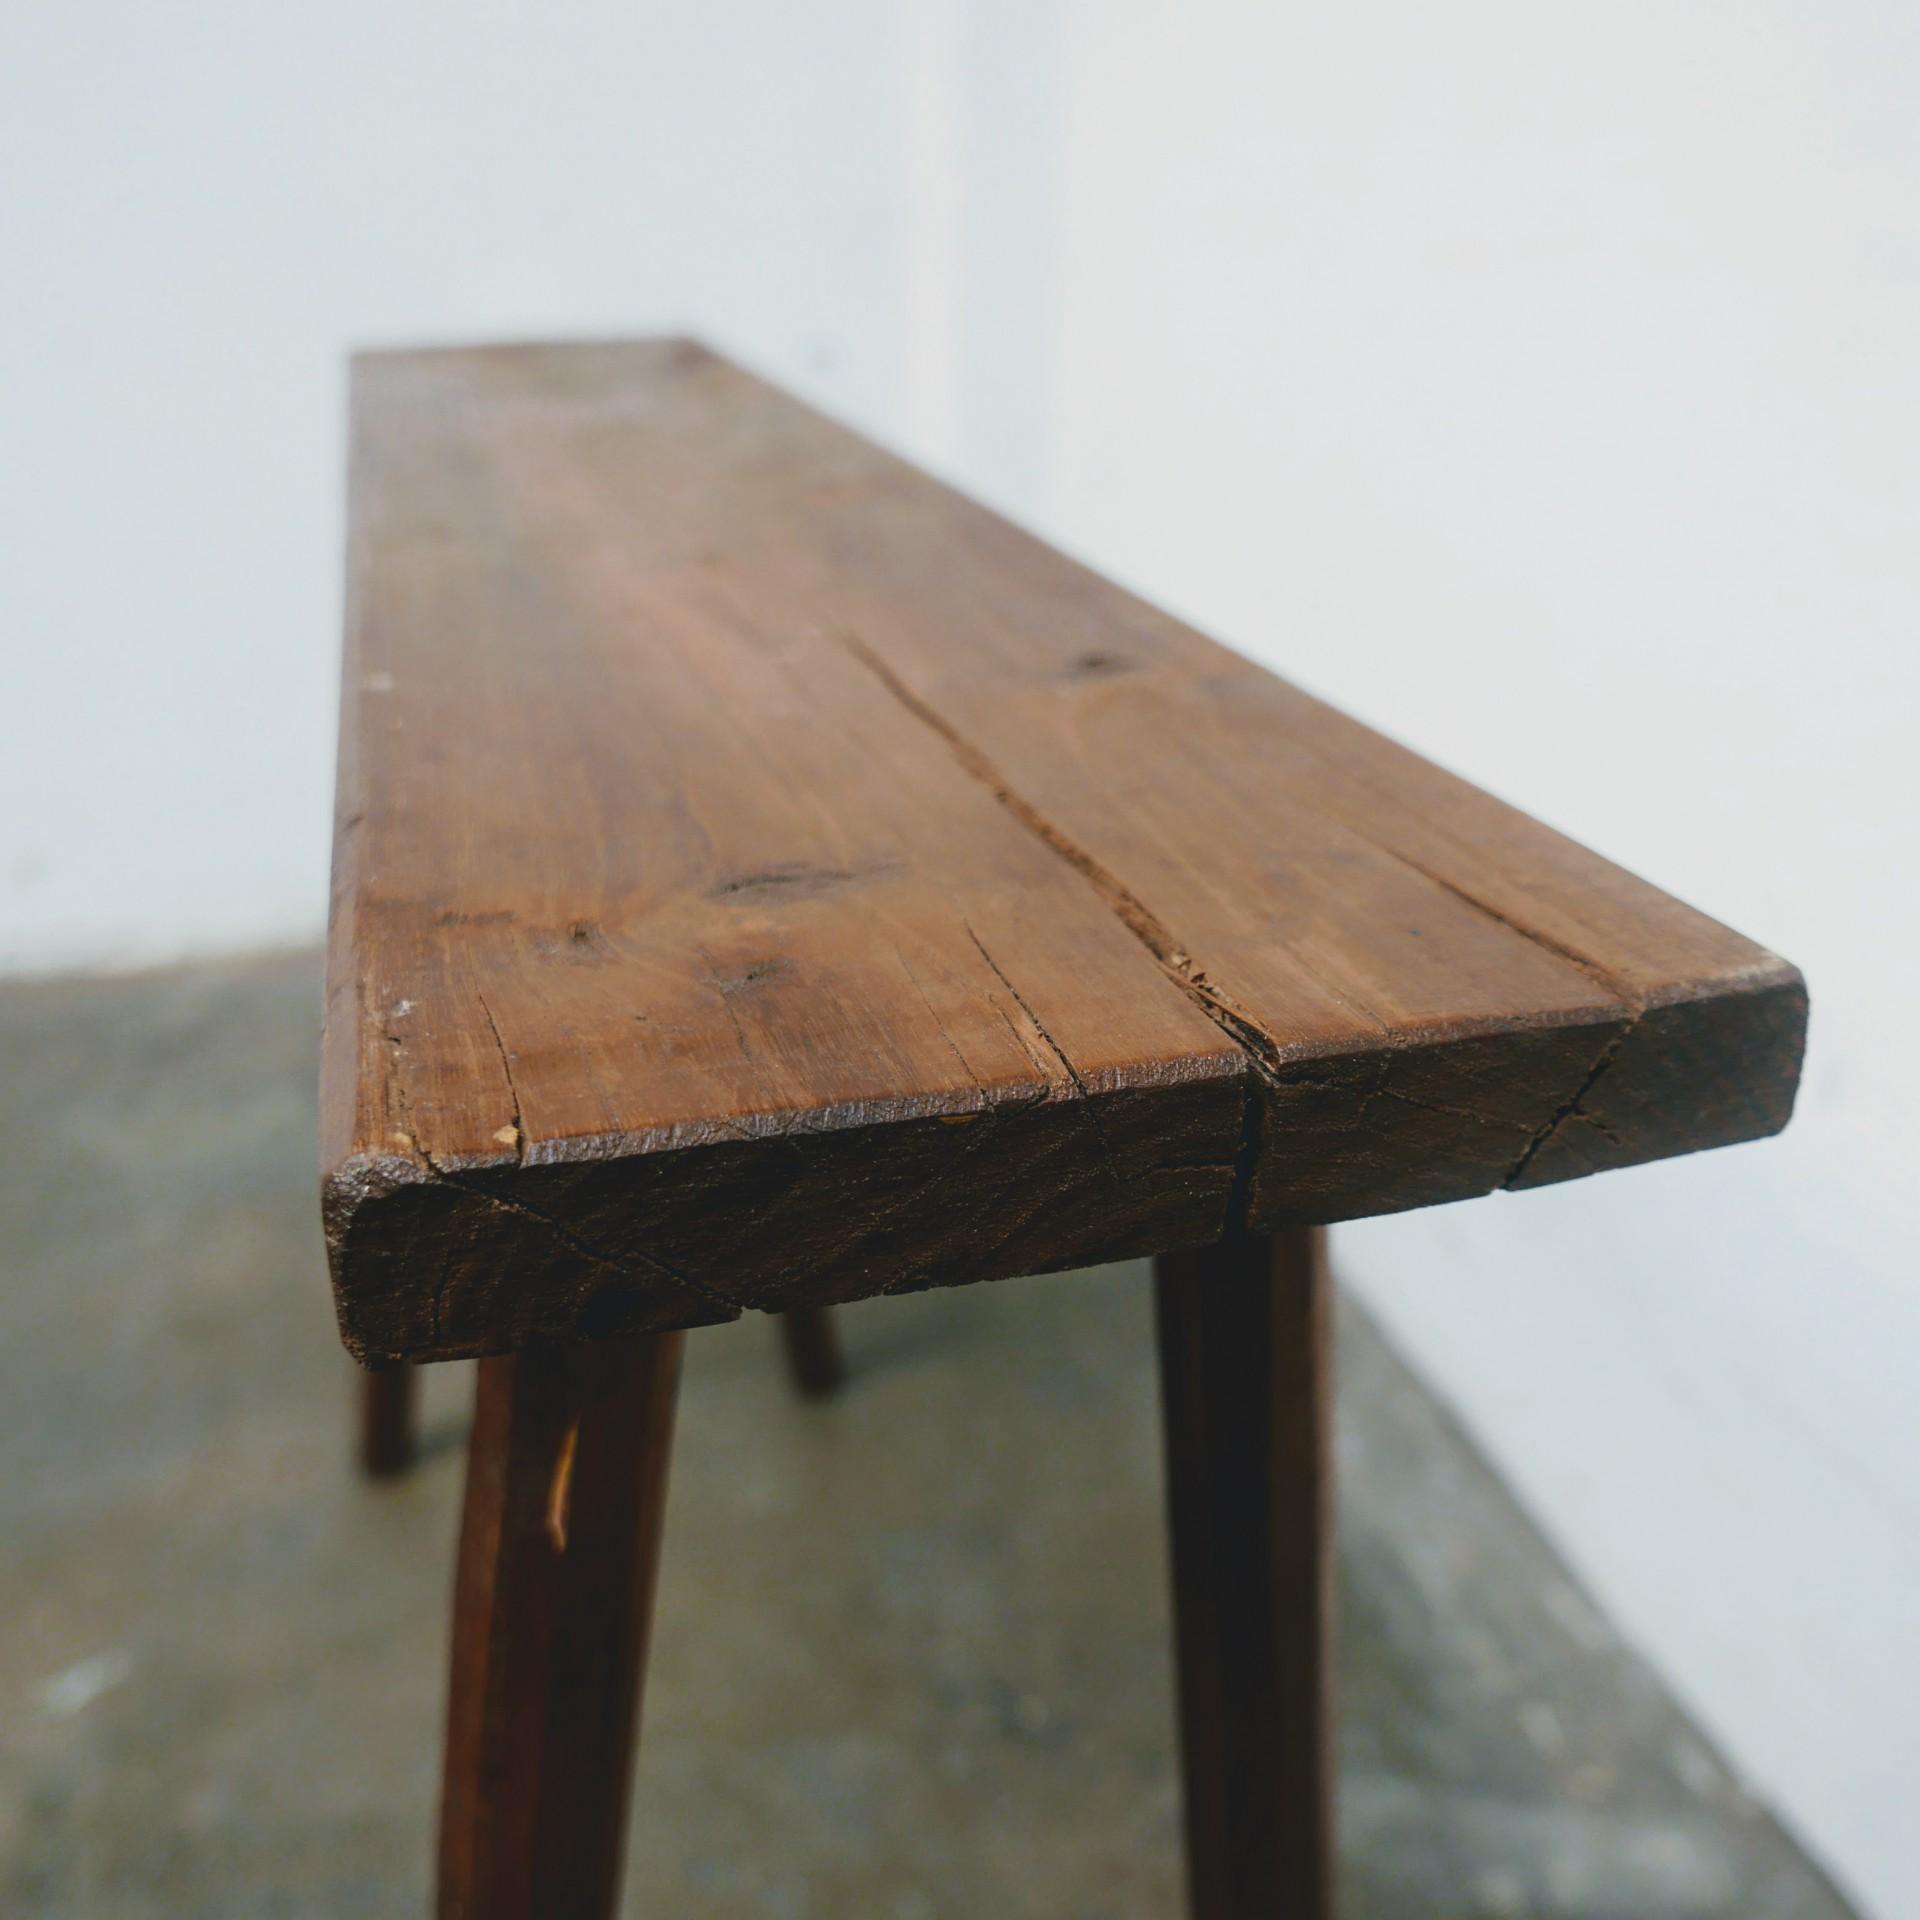 Wonderbaarlijk Houten smalle tafel » Van Dijk & Ko JH-78